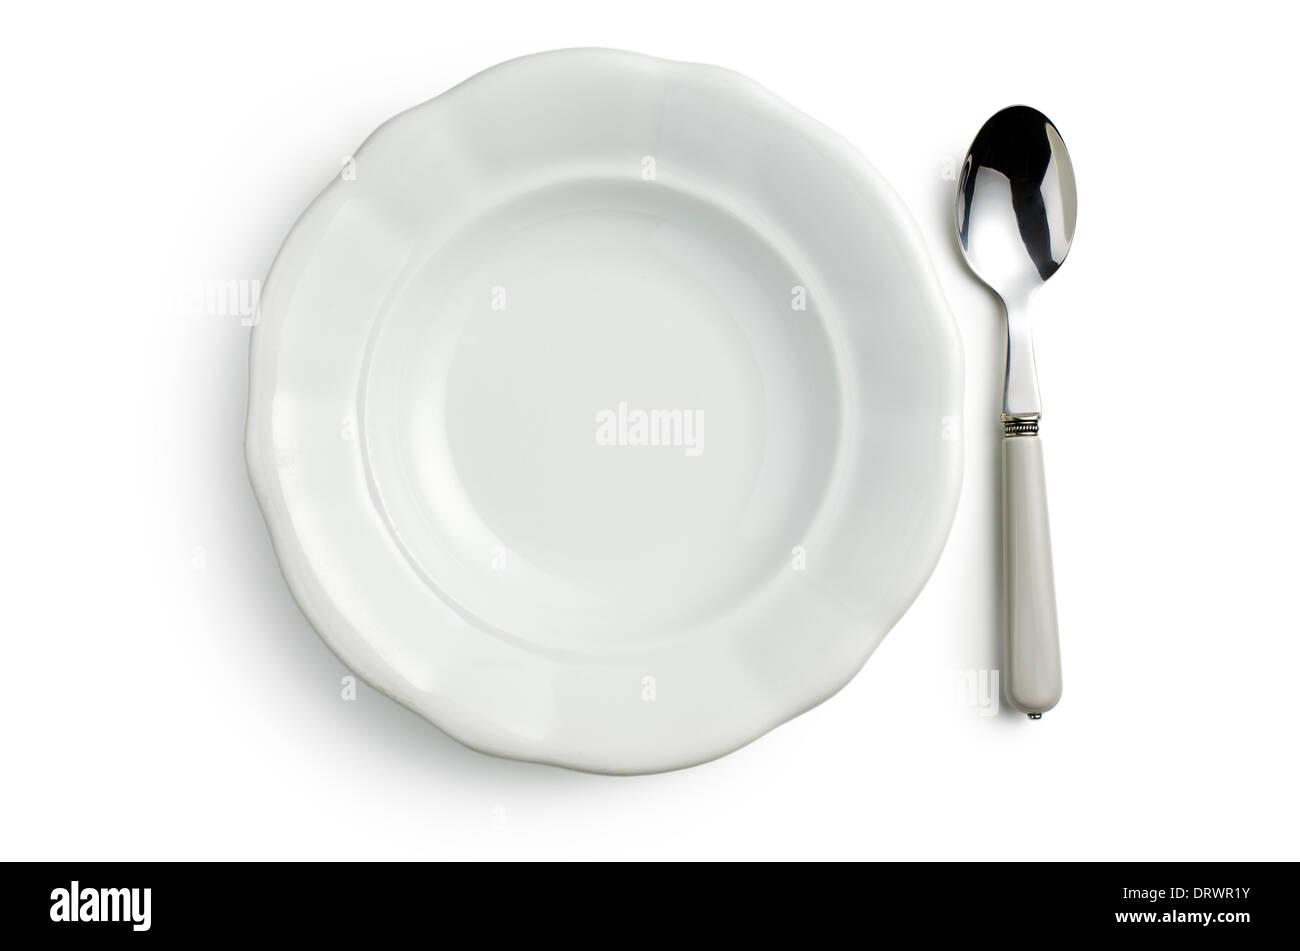 Vista superior de la placa de cerámica blanca con una cuchara sobre fondo blanco. Imagen De Stock